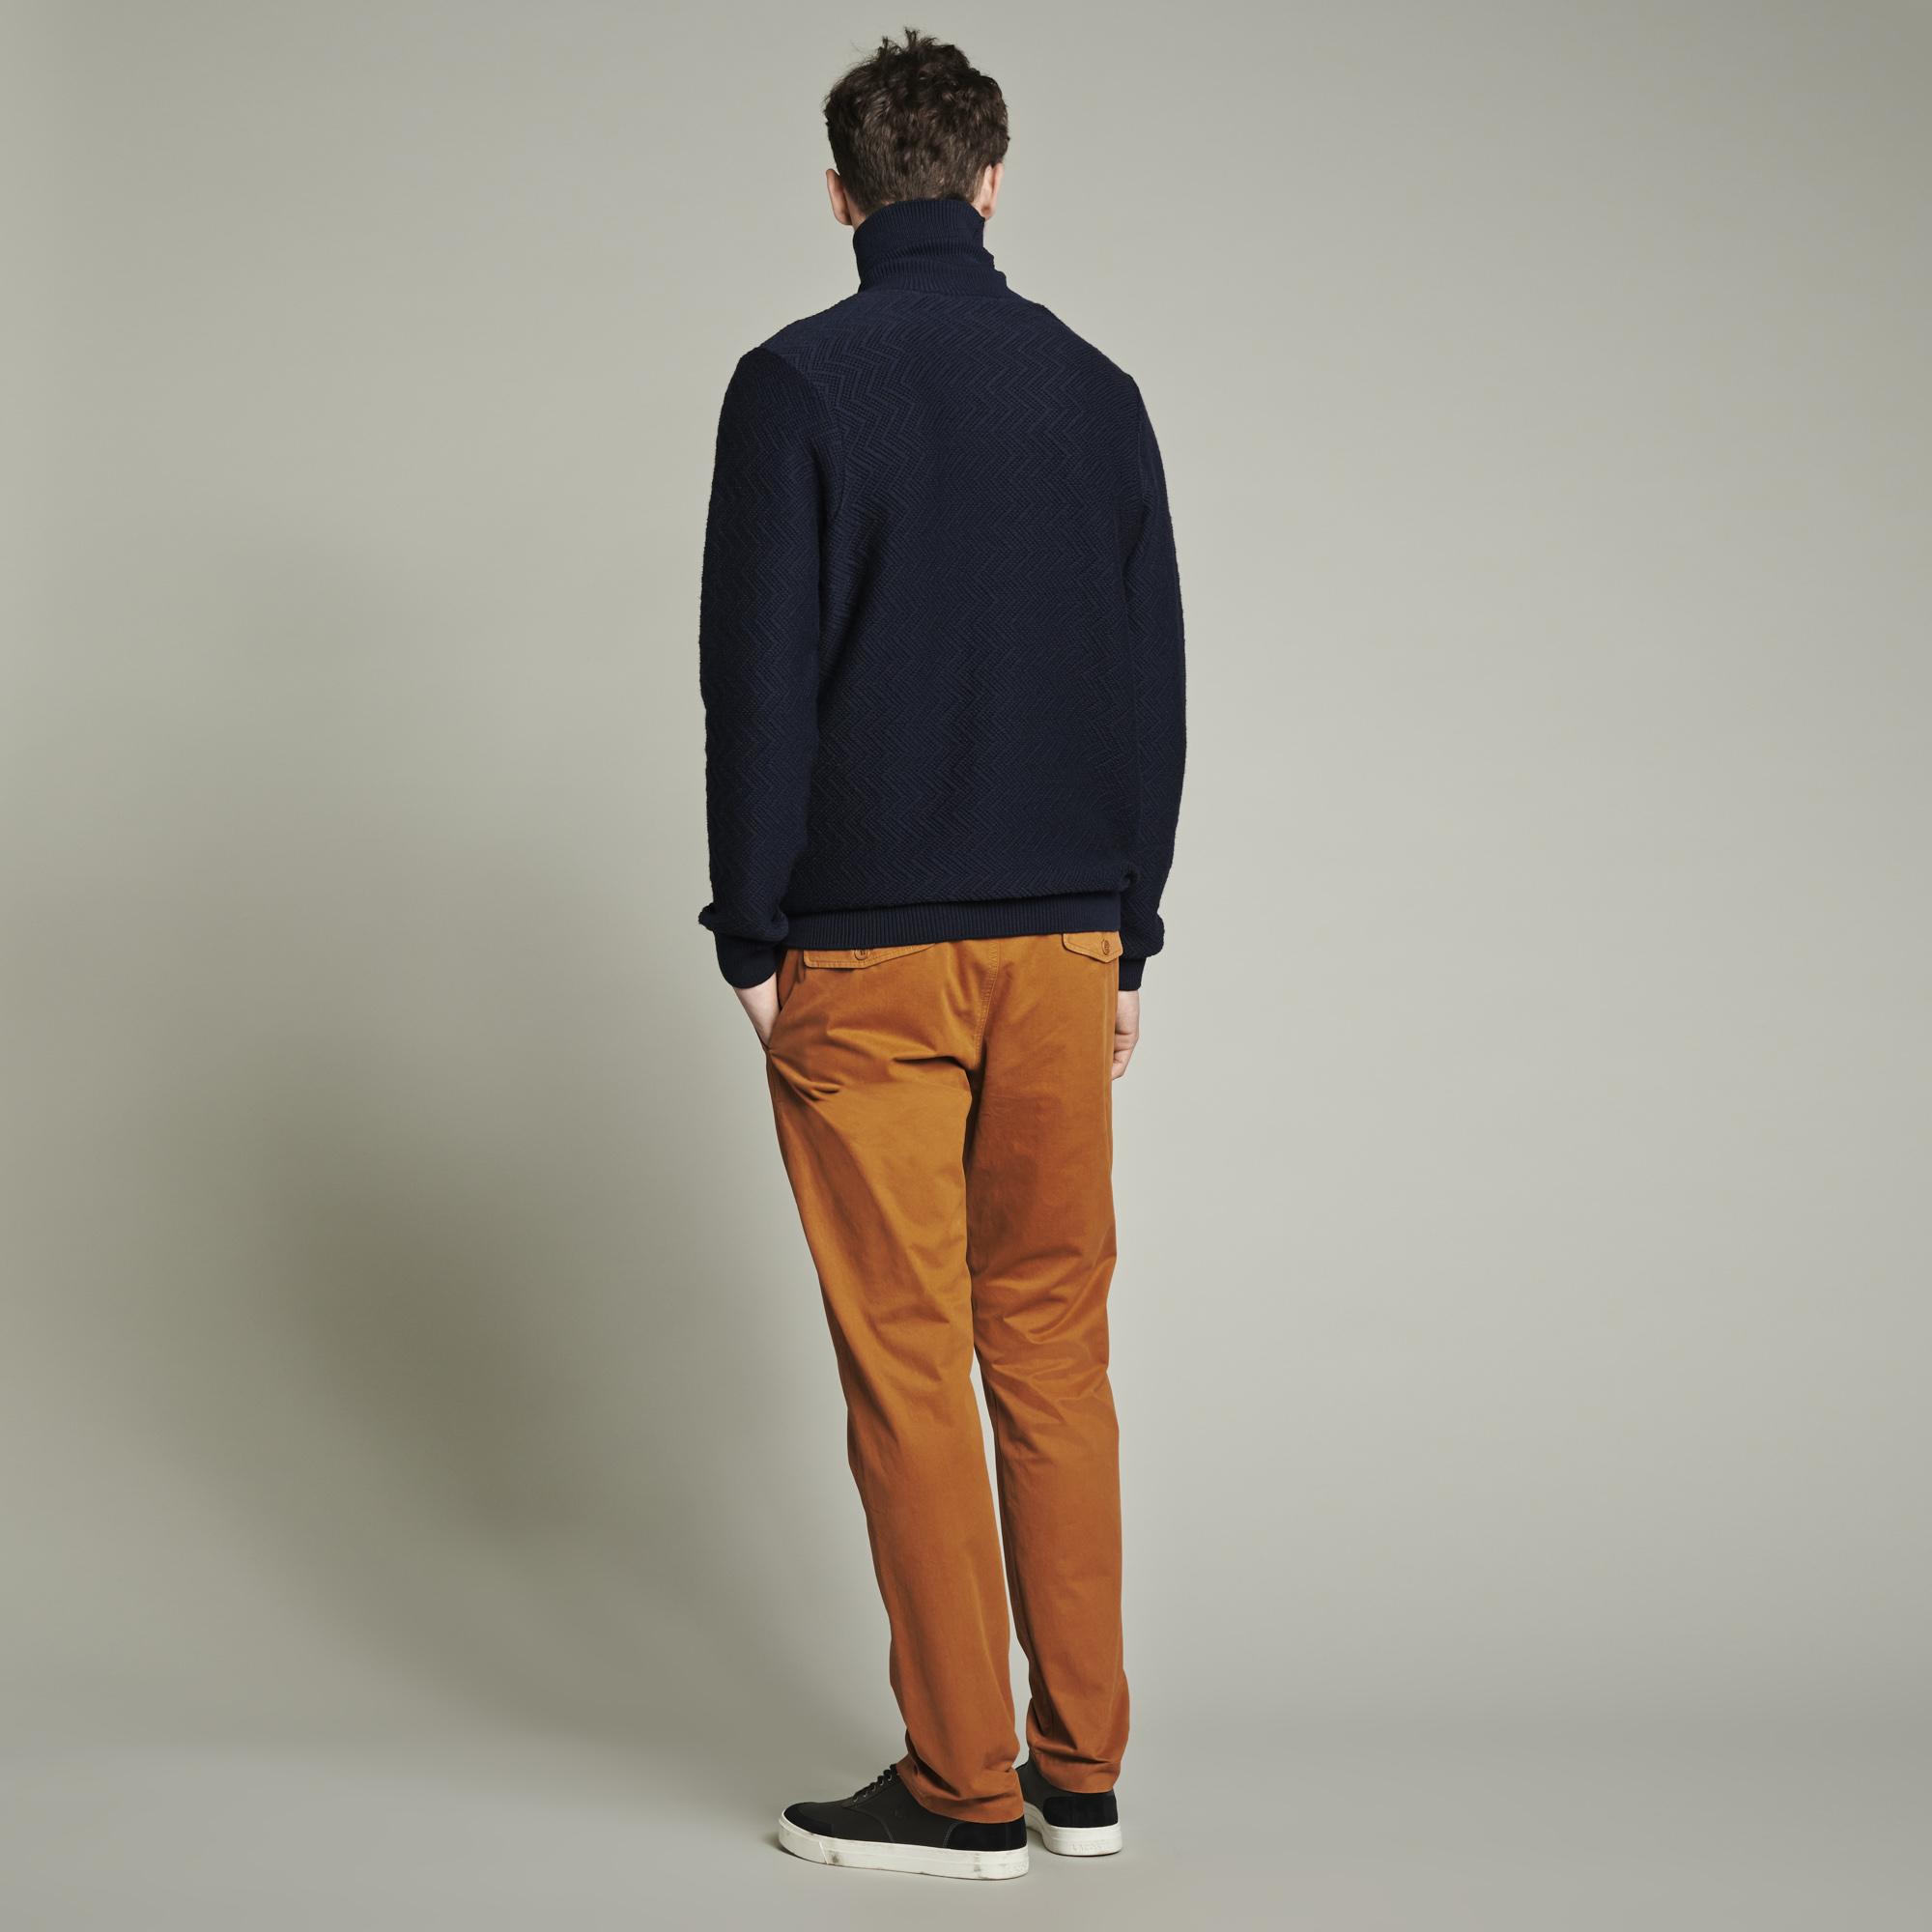 Look elegante con pantalones chinos